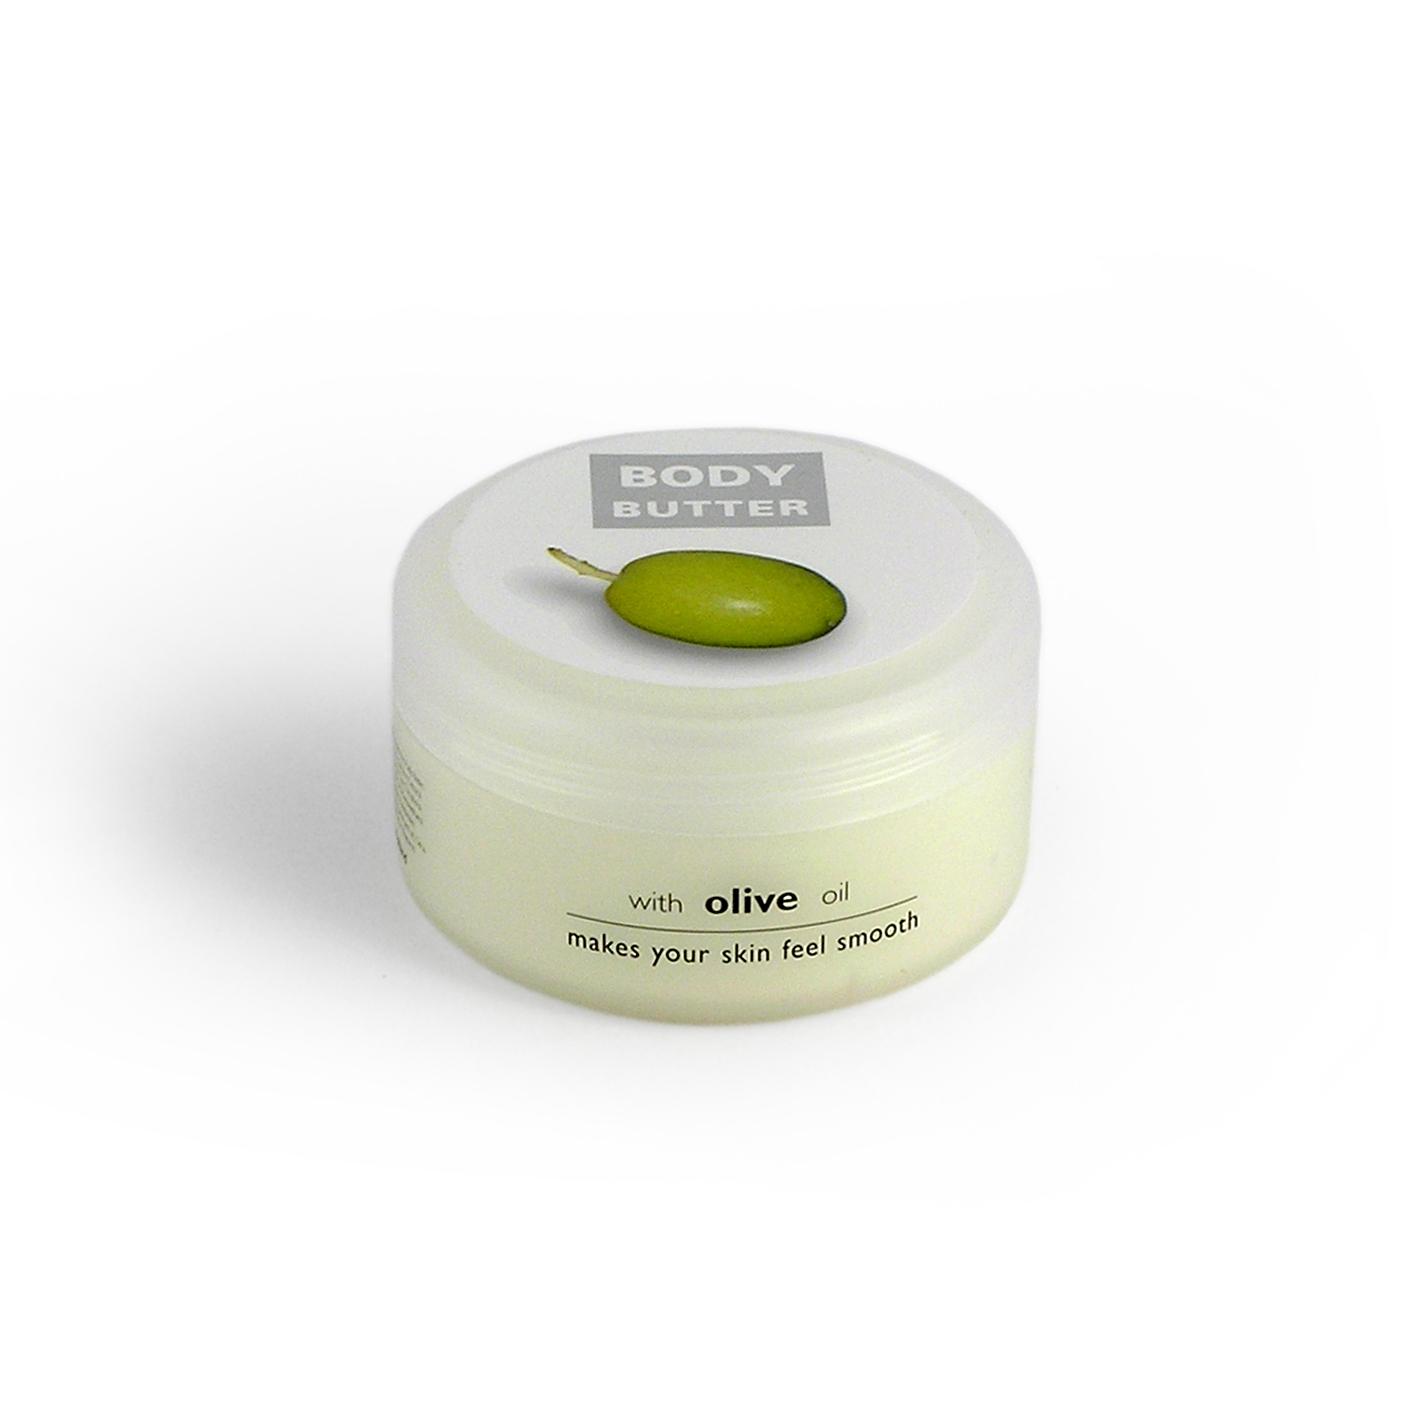 wellness greenland unt de corp cu ulei de masline olive oil cosmetice bio cosmetice. Black Bedroom Furniture Sets. Home Design Ideas